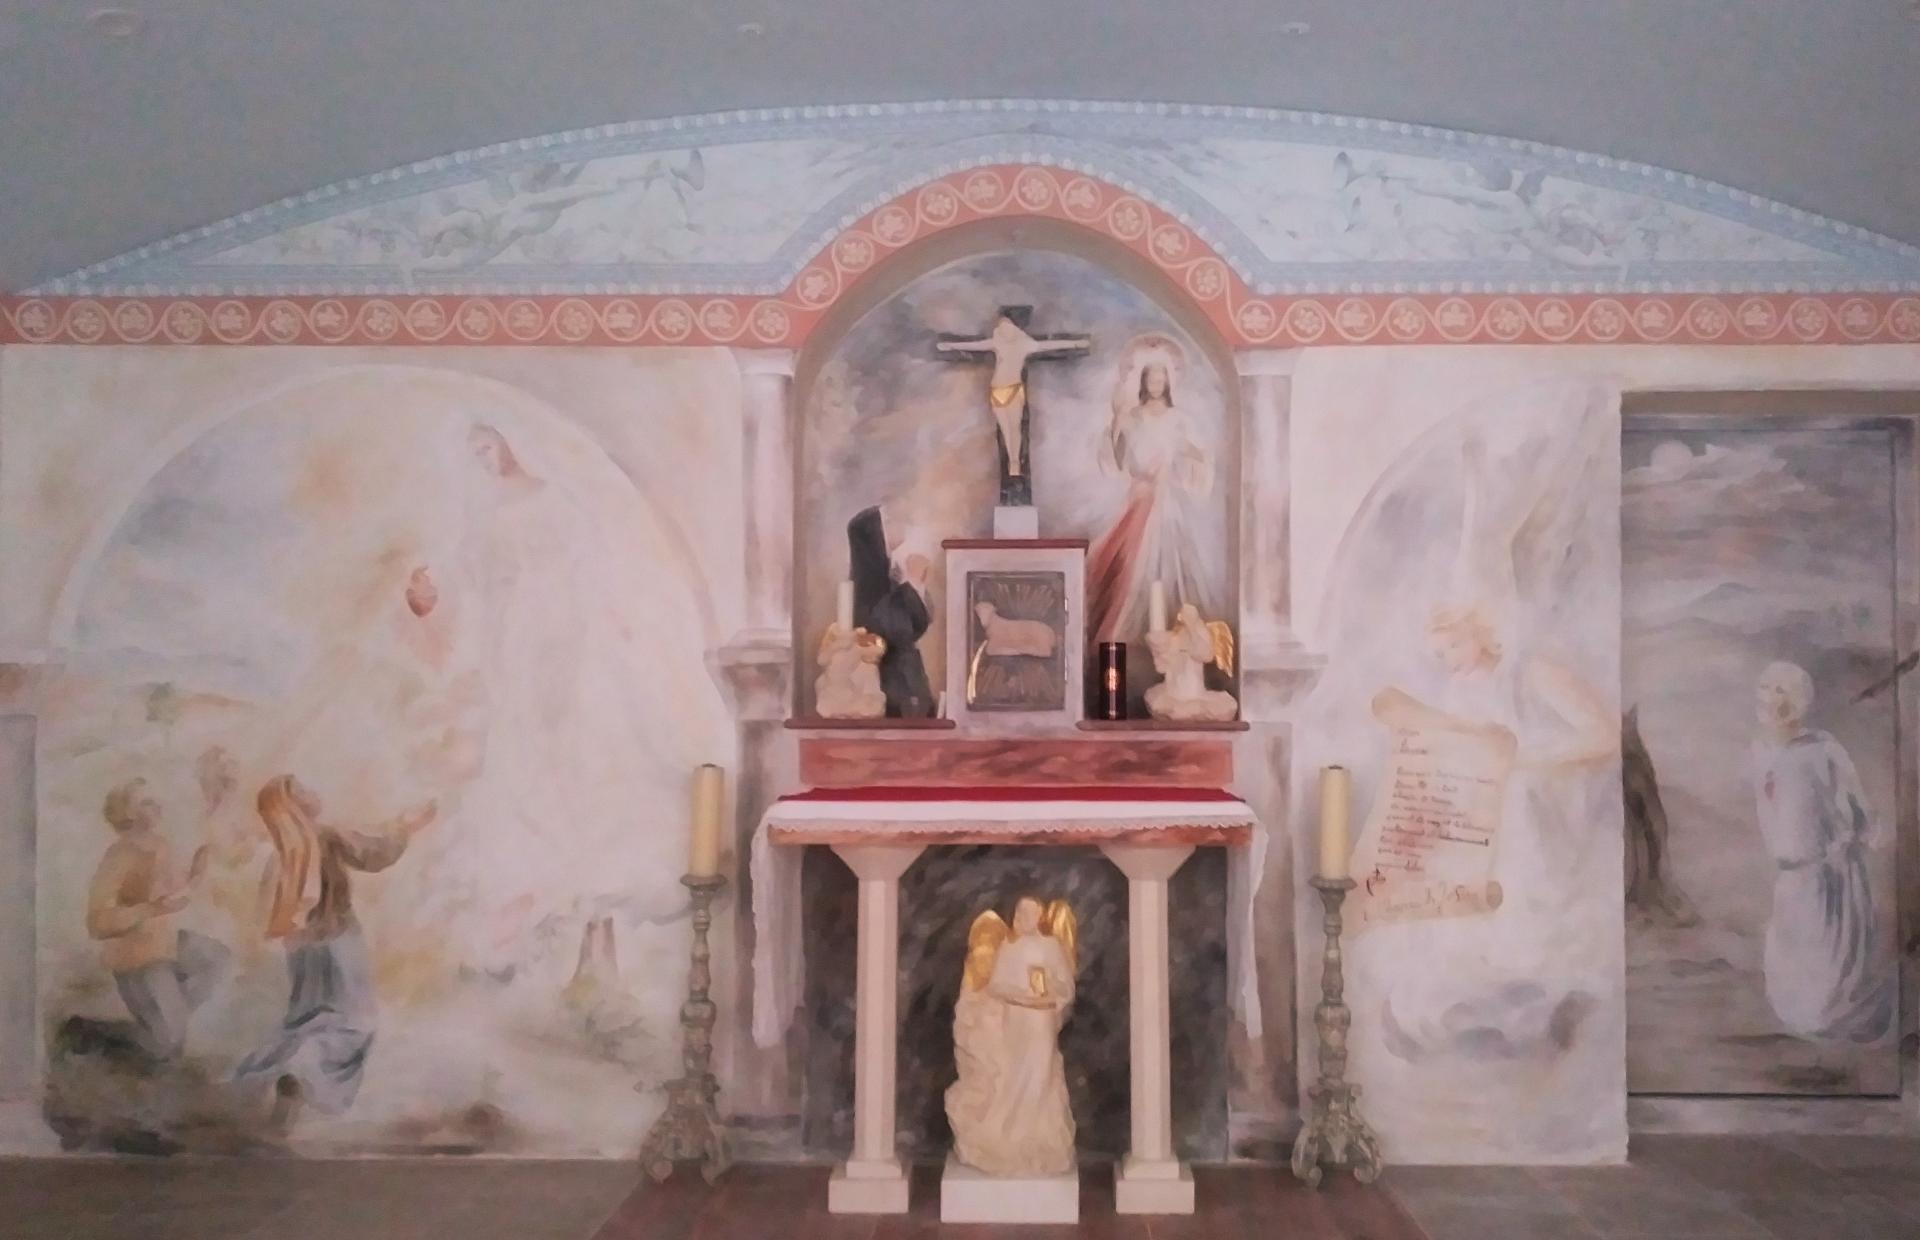 Chapelle de la misericorde fresque et mobilier liturgique 1